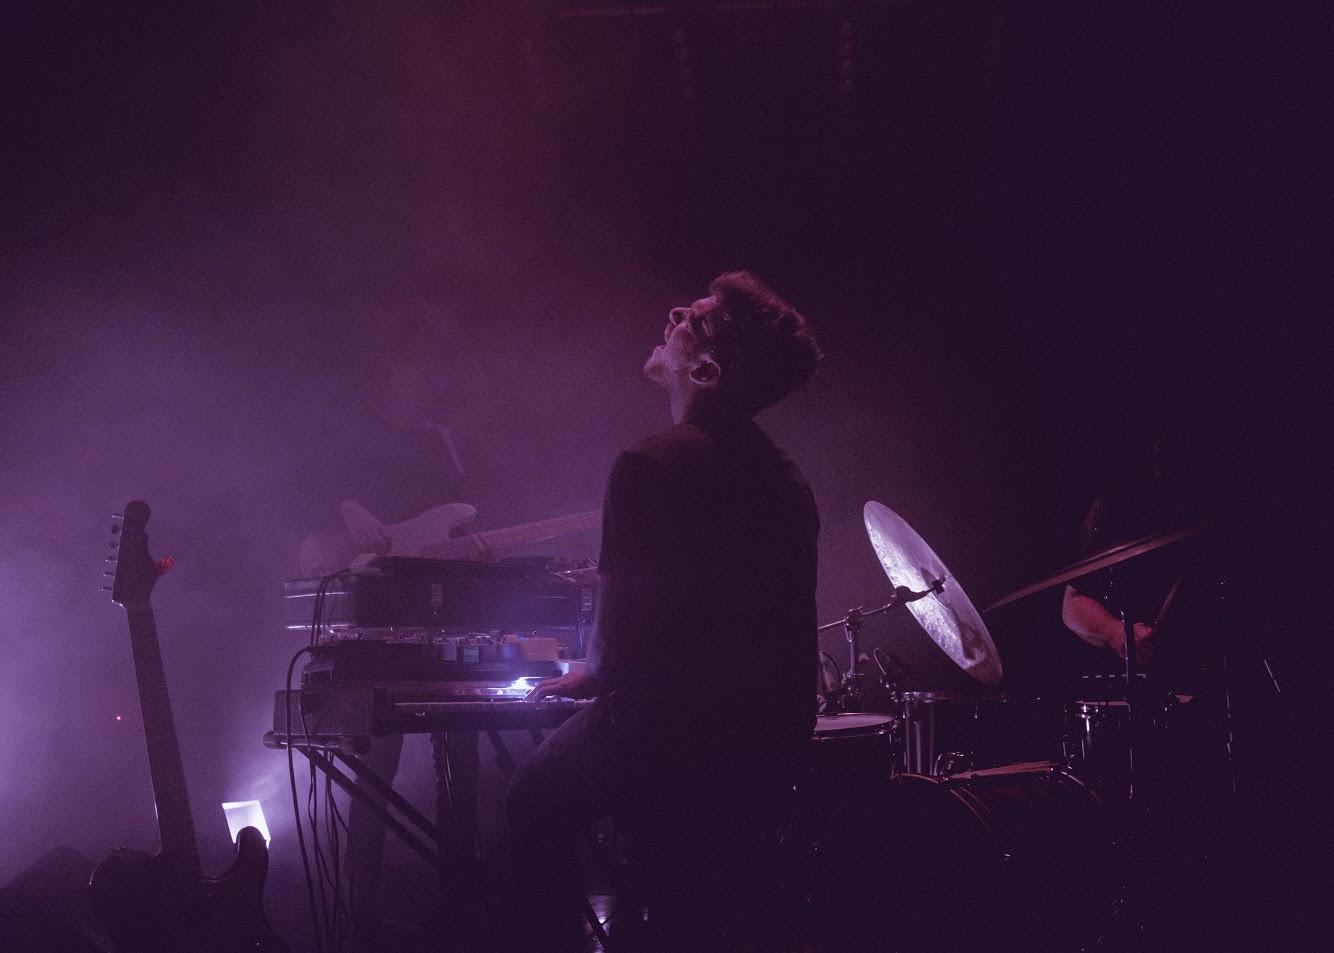 LeRockPsicophonique libera material inédito de su Ciclo 2019 y posterga versión 2020 hasta nuevo aviso